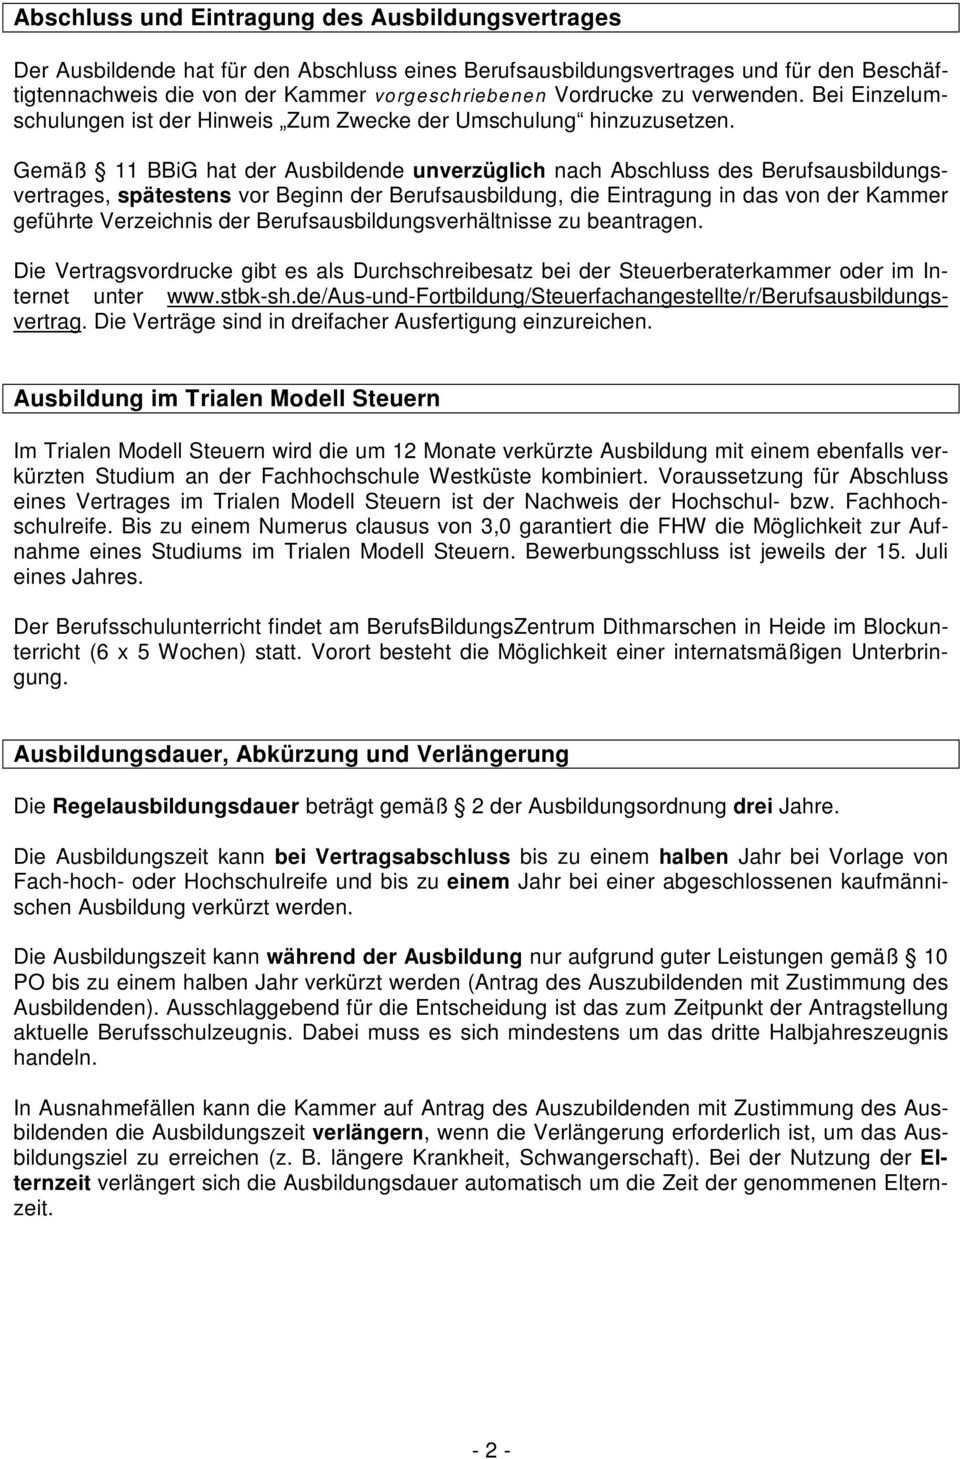 Merkblatt Fur Die Berufsausbildung Zum Zur Steuerfachangestellten Pdf Free Download